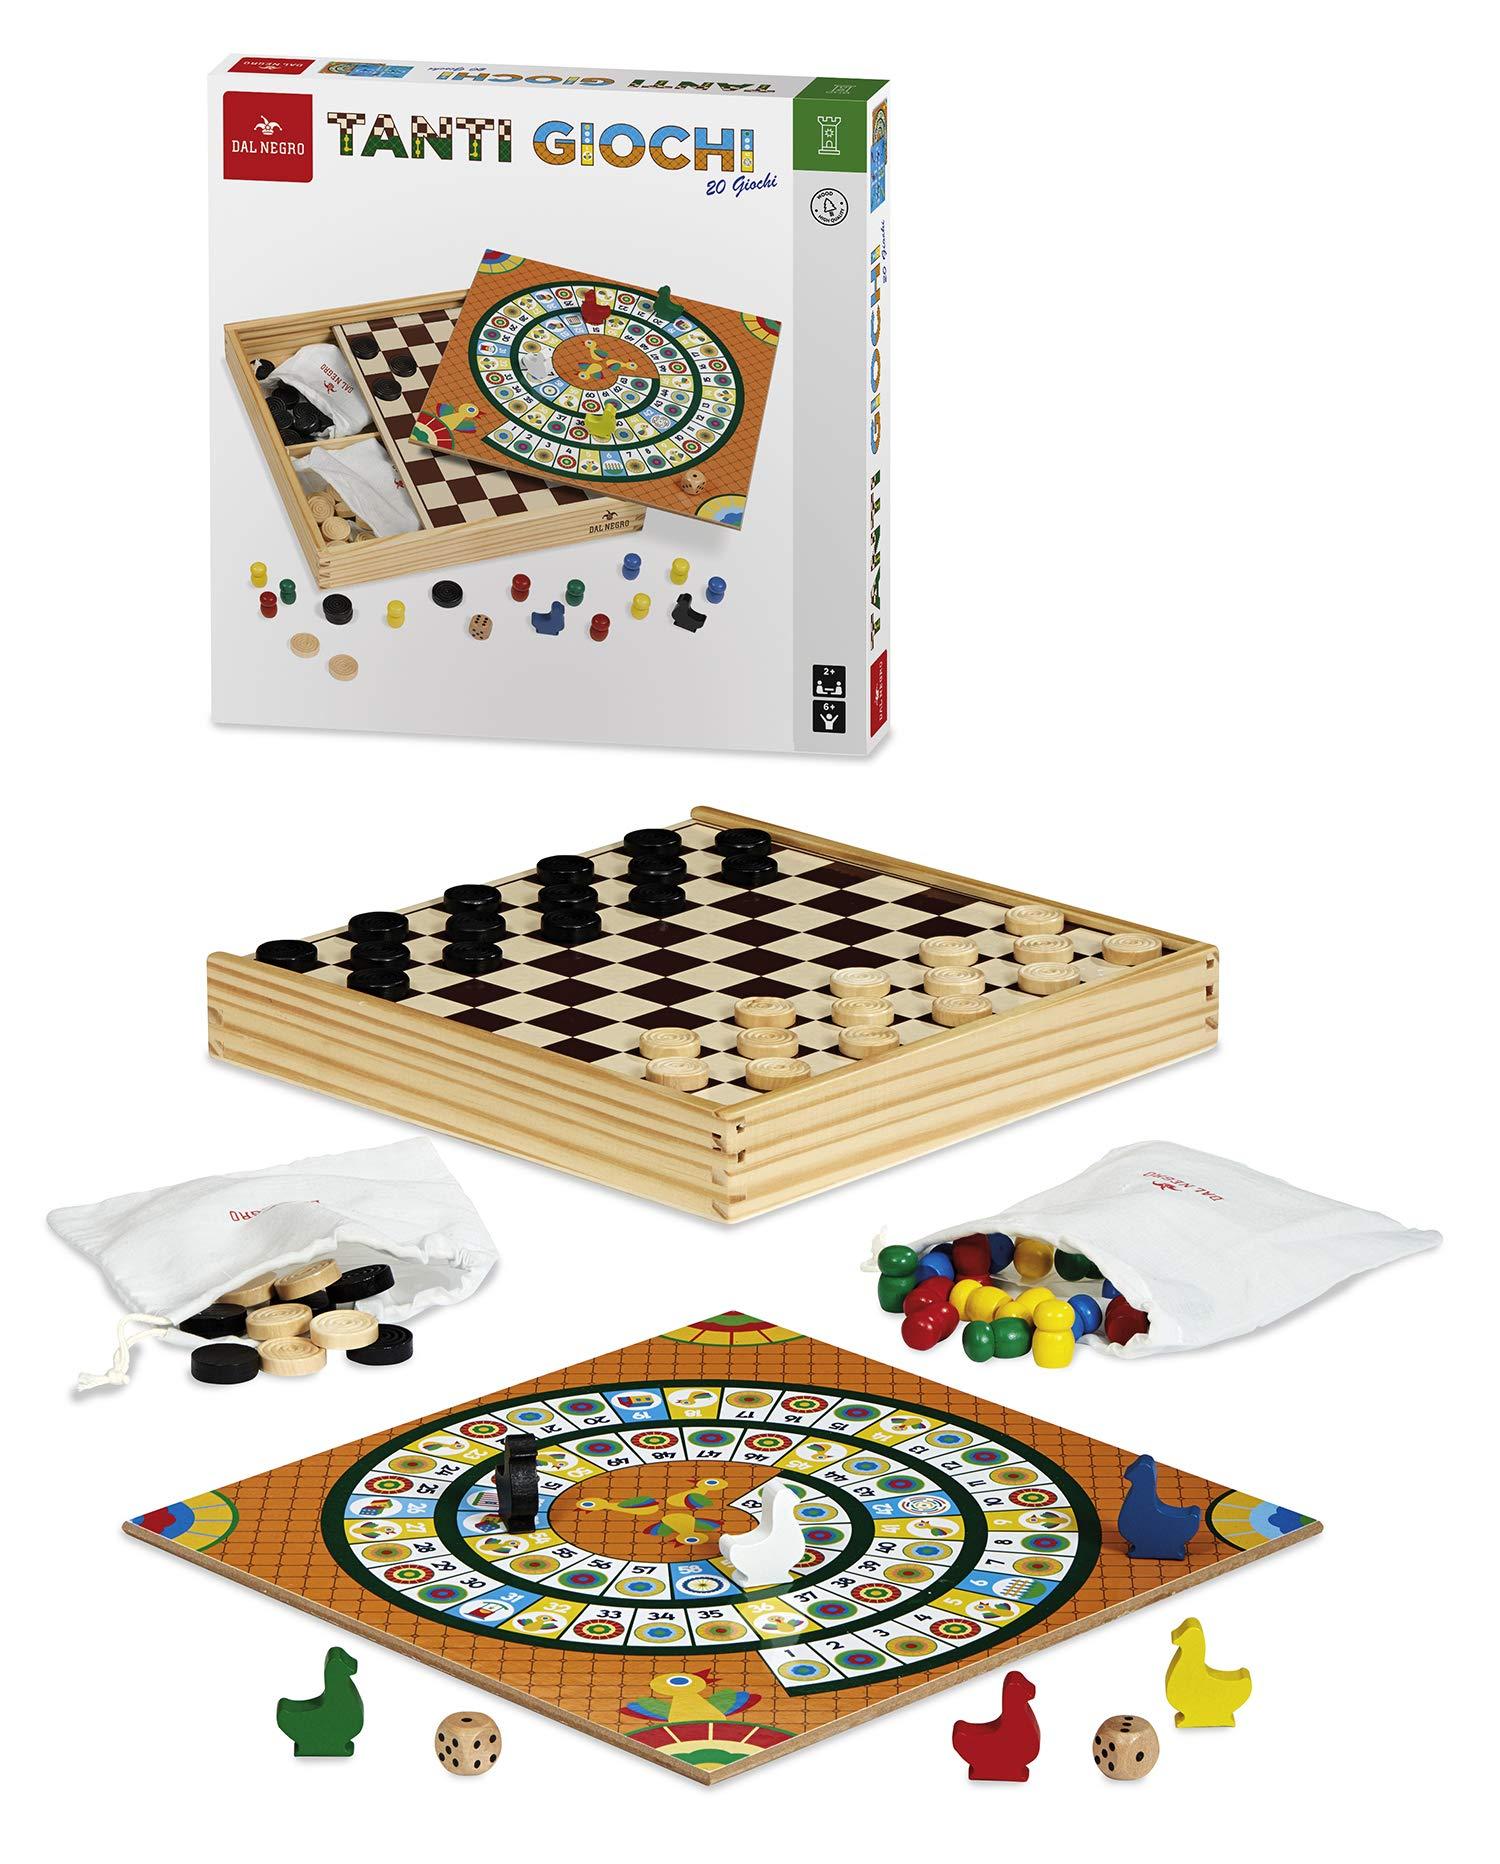 DAL NEGRO Muchos Juegos - 20 Juegos Juego de mesa Clasico Para adultos: Amazon.es: Juguetes y juegos